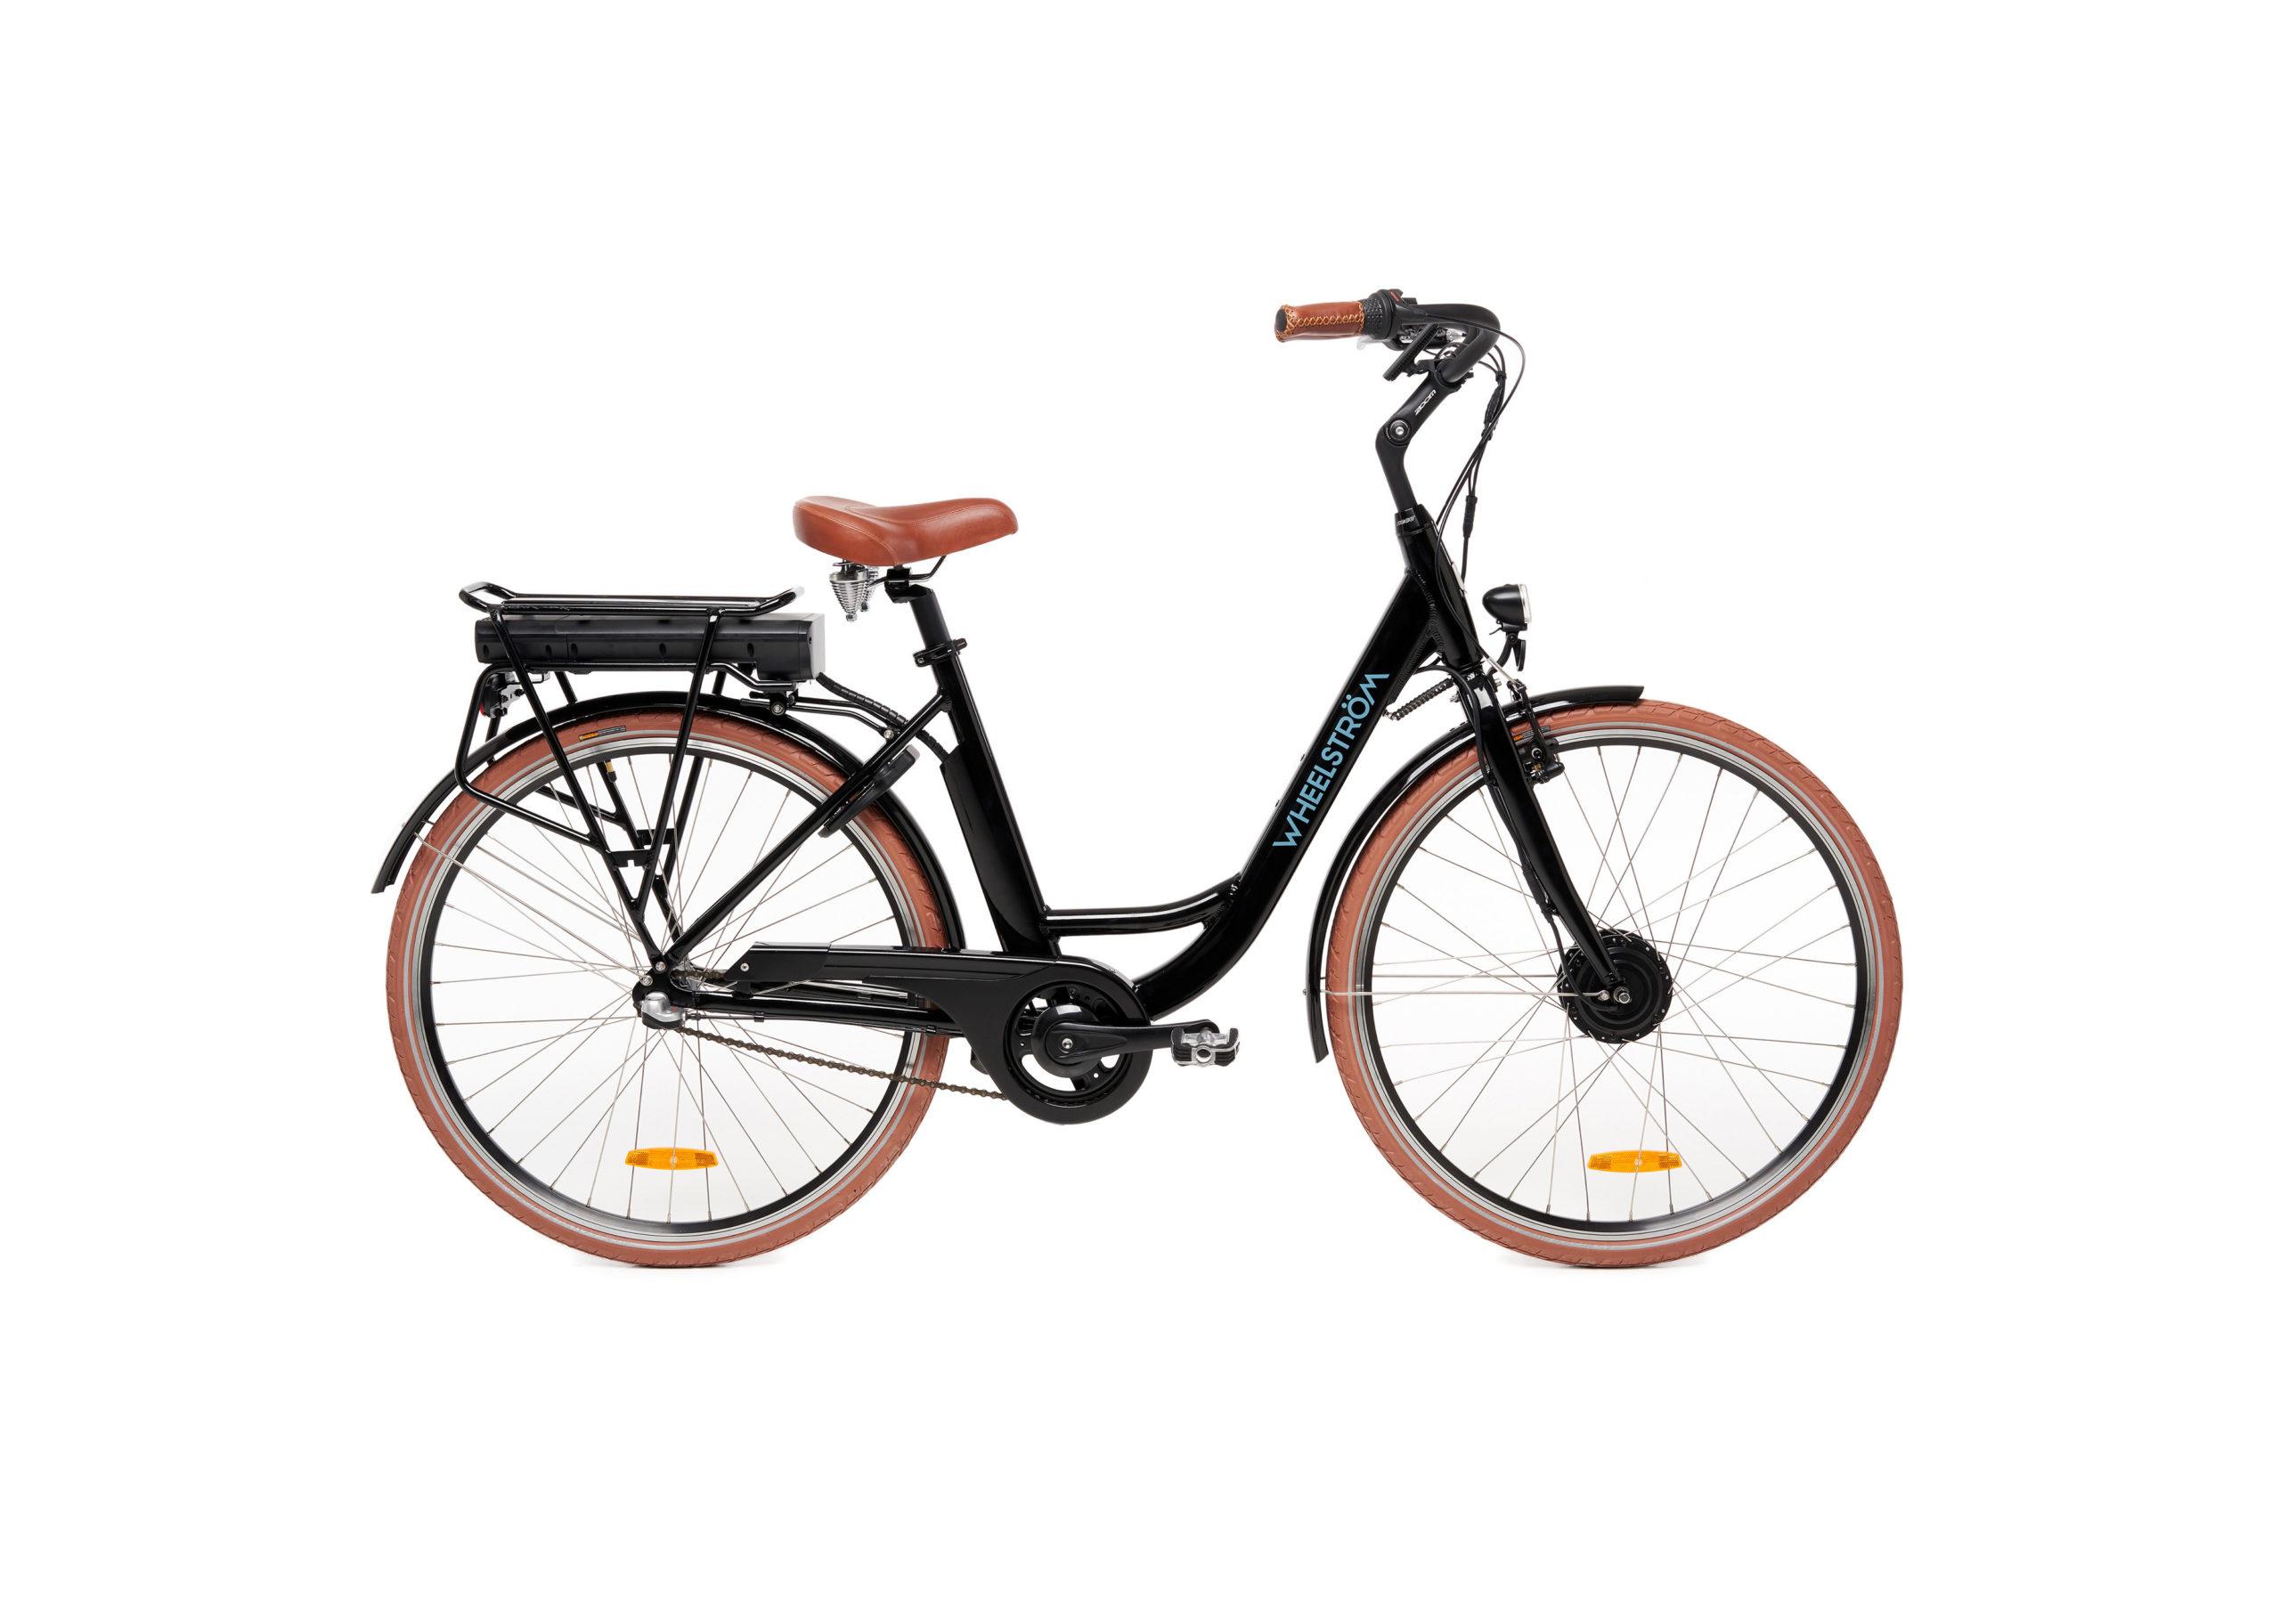 wheelström electric bike women elcykel kvinna sähköpyörä naisten kompis